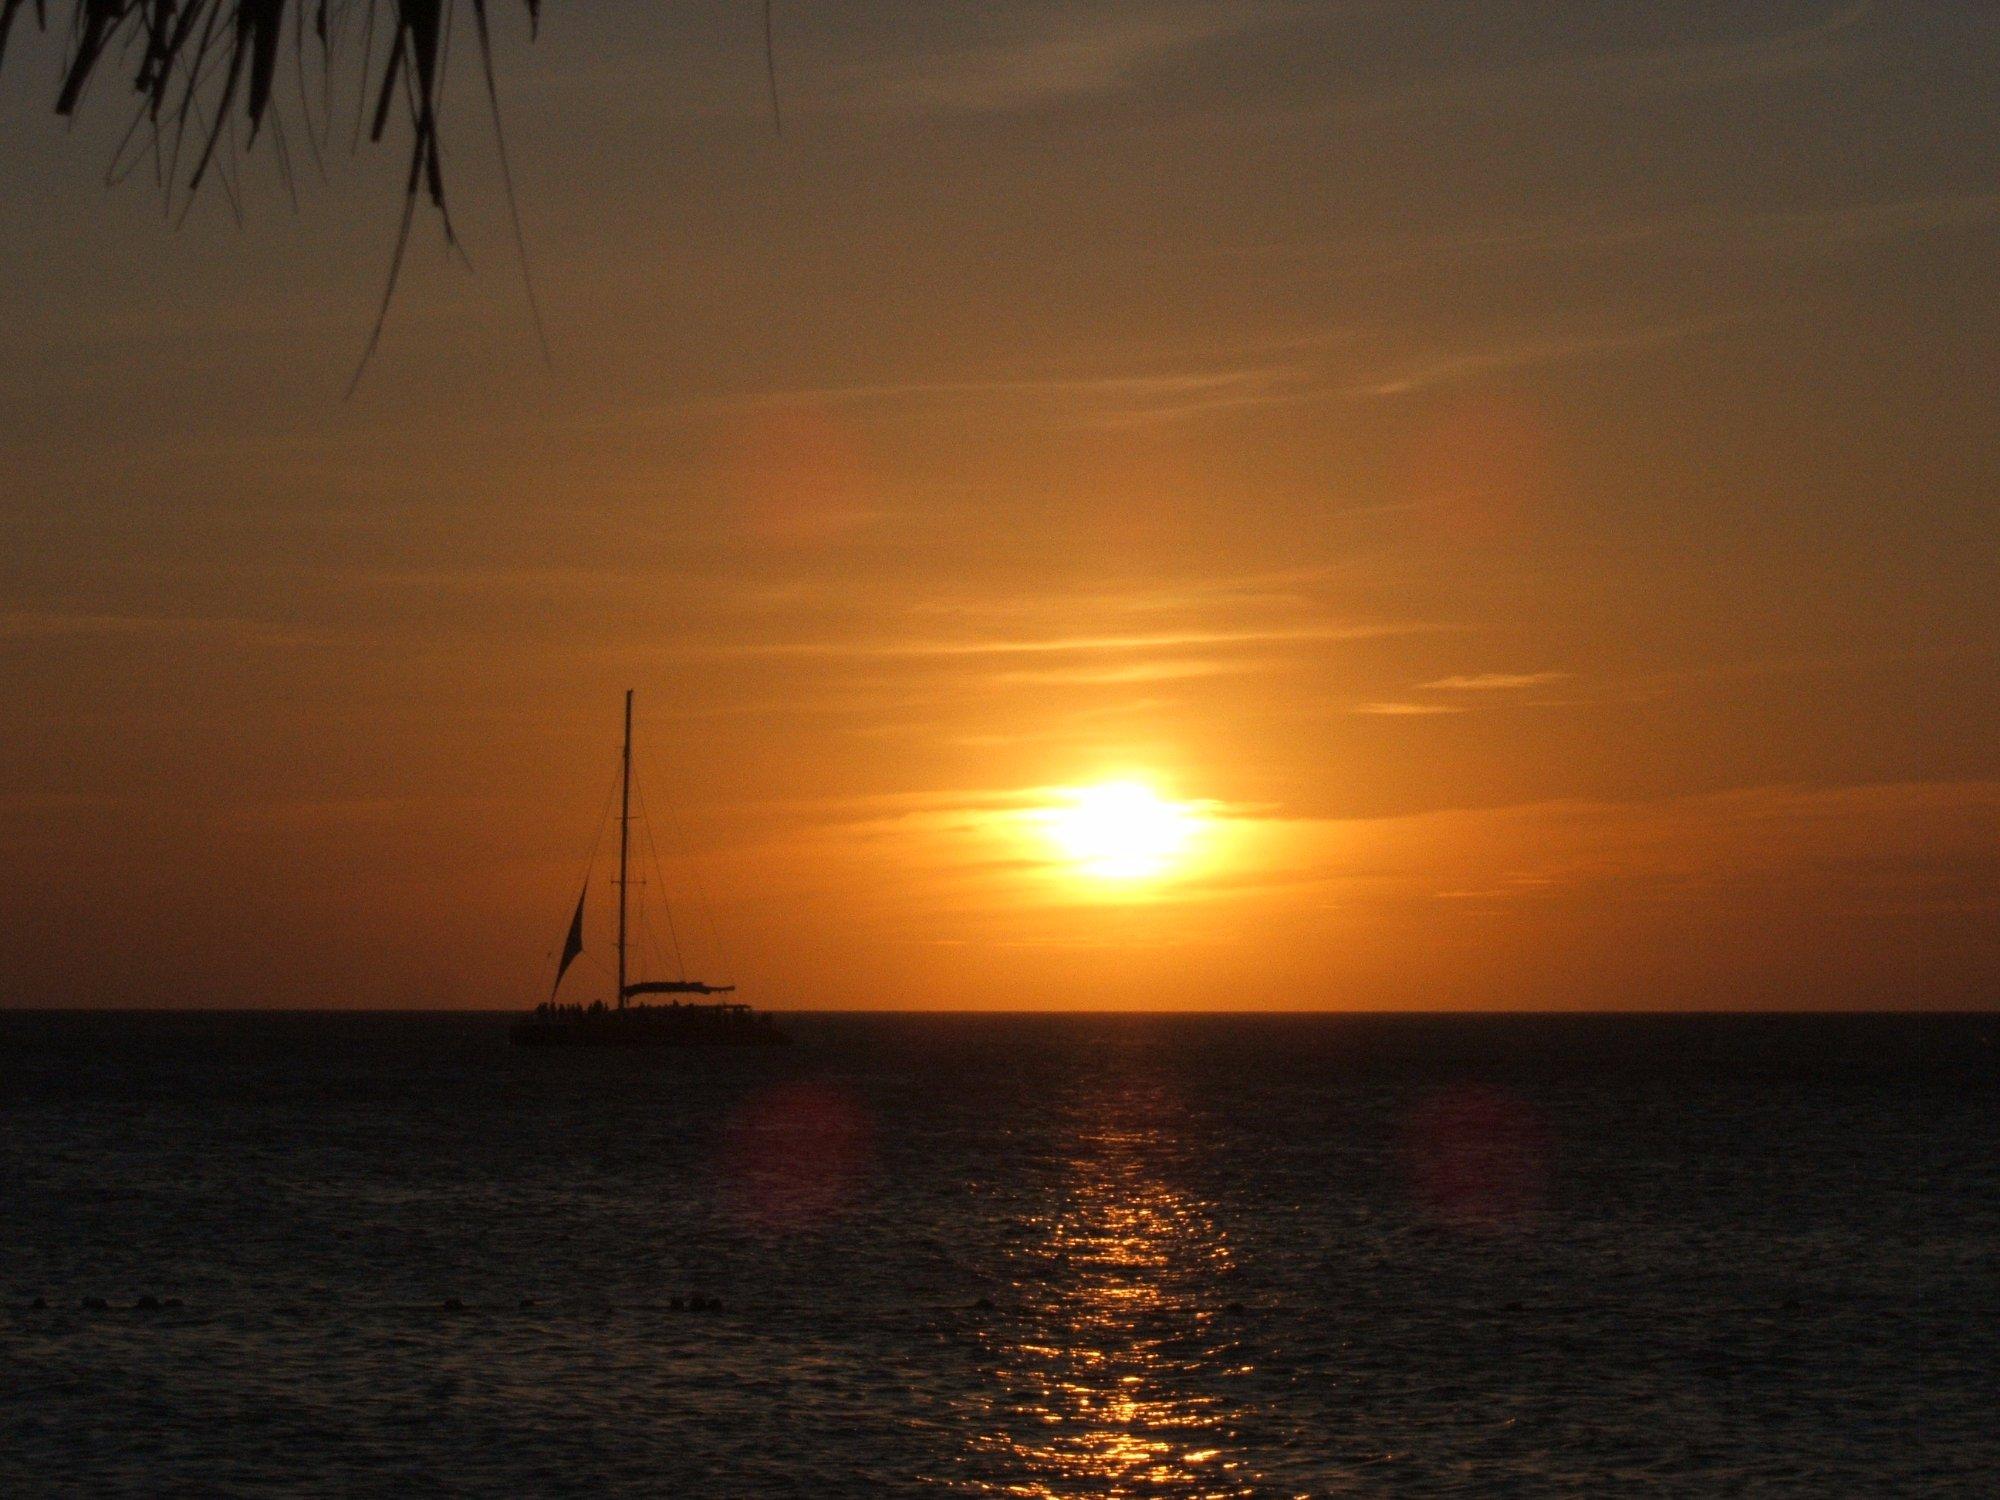 tramonto senza fiato...